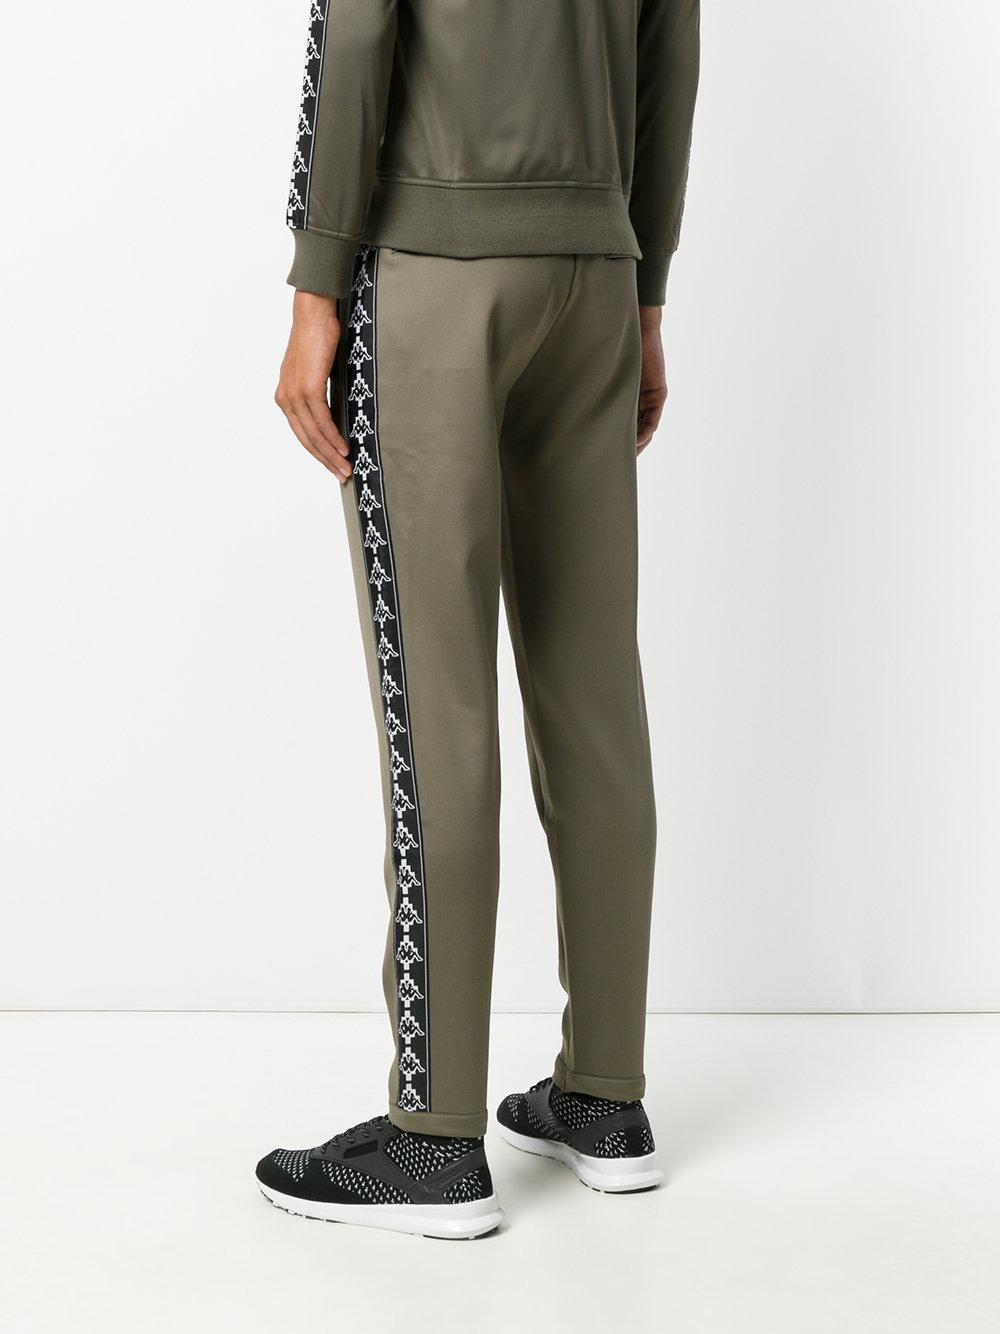 Marcelo Burlon Cotton X Kappa Sweatpants in Green for Men - Lyst